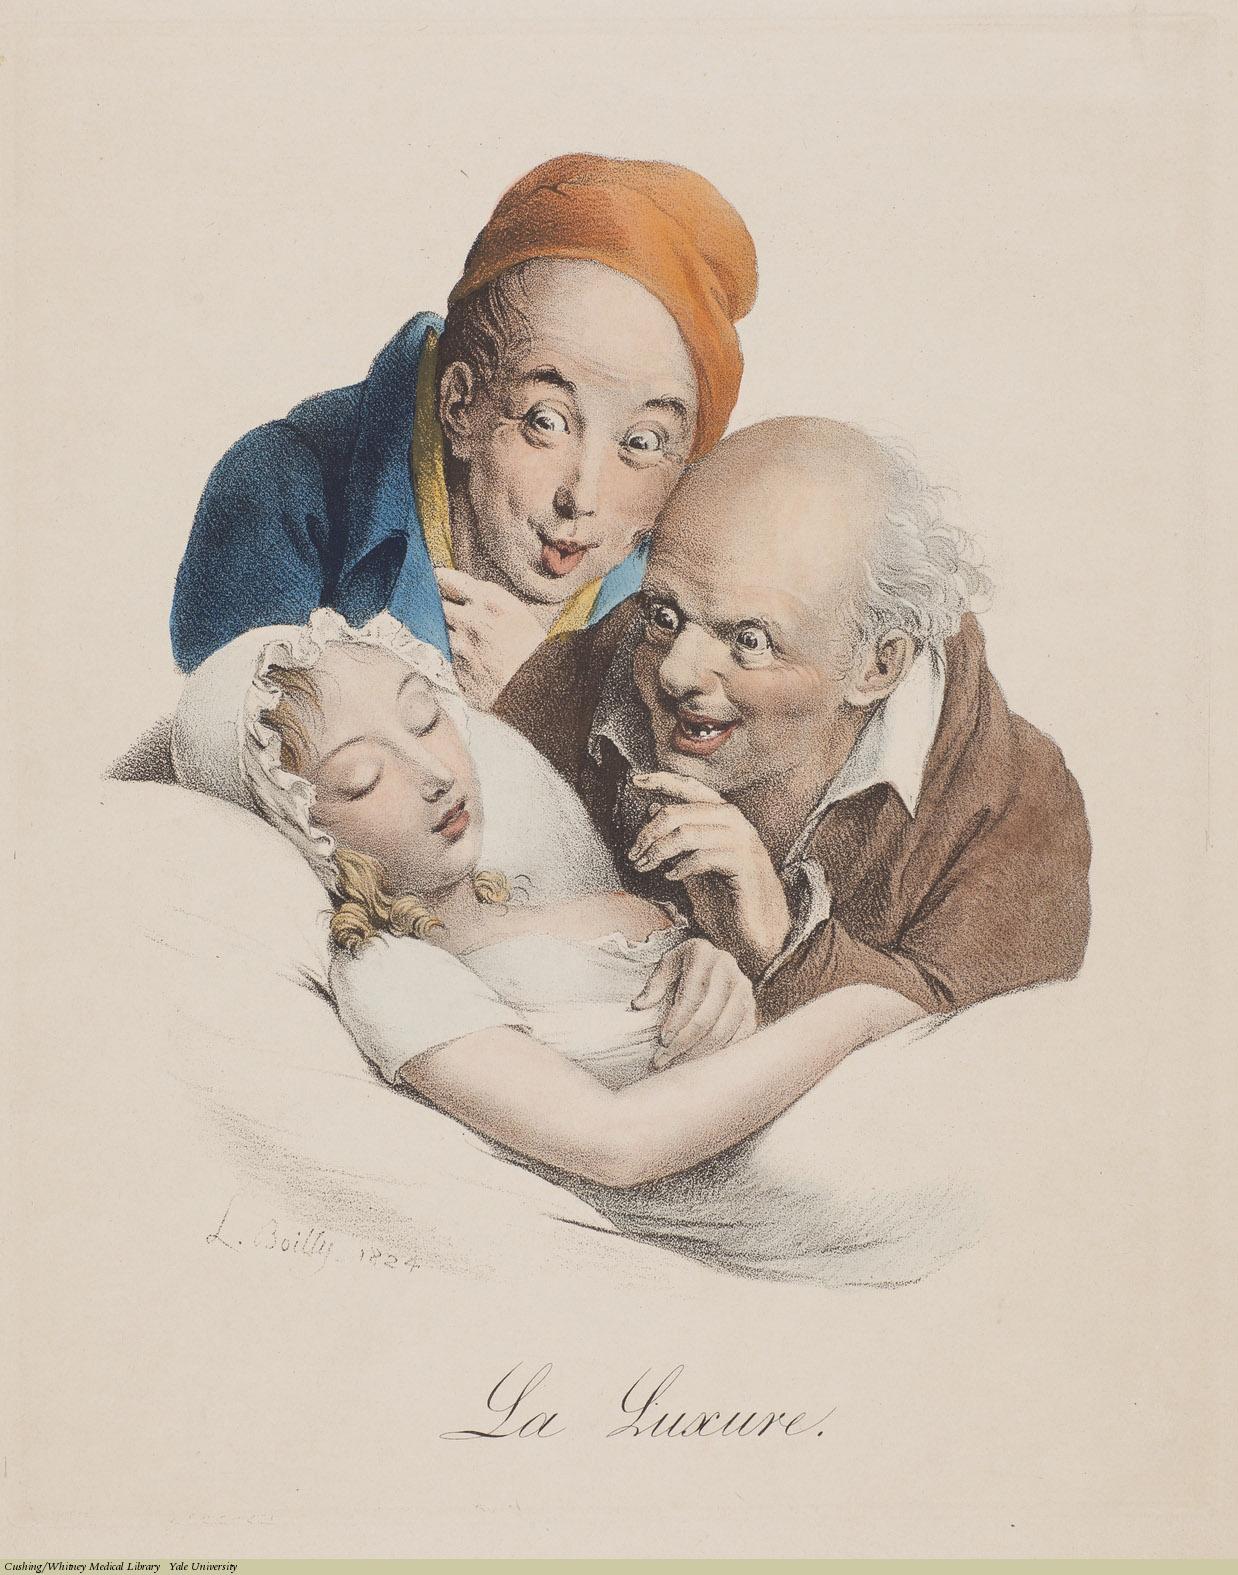 Louis-Léopold Boilly, La Luxure (Lechery), Lithograph, 1824.